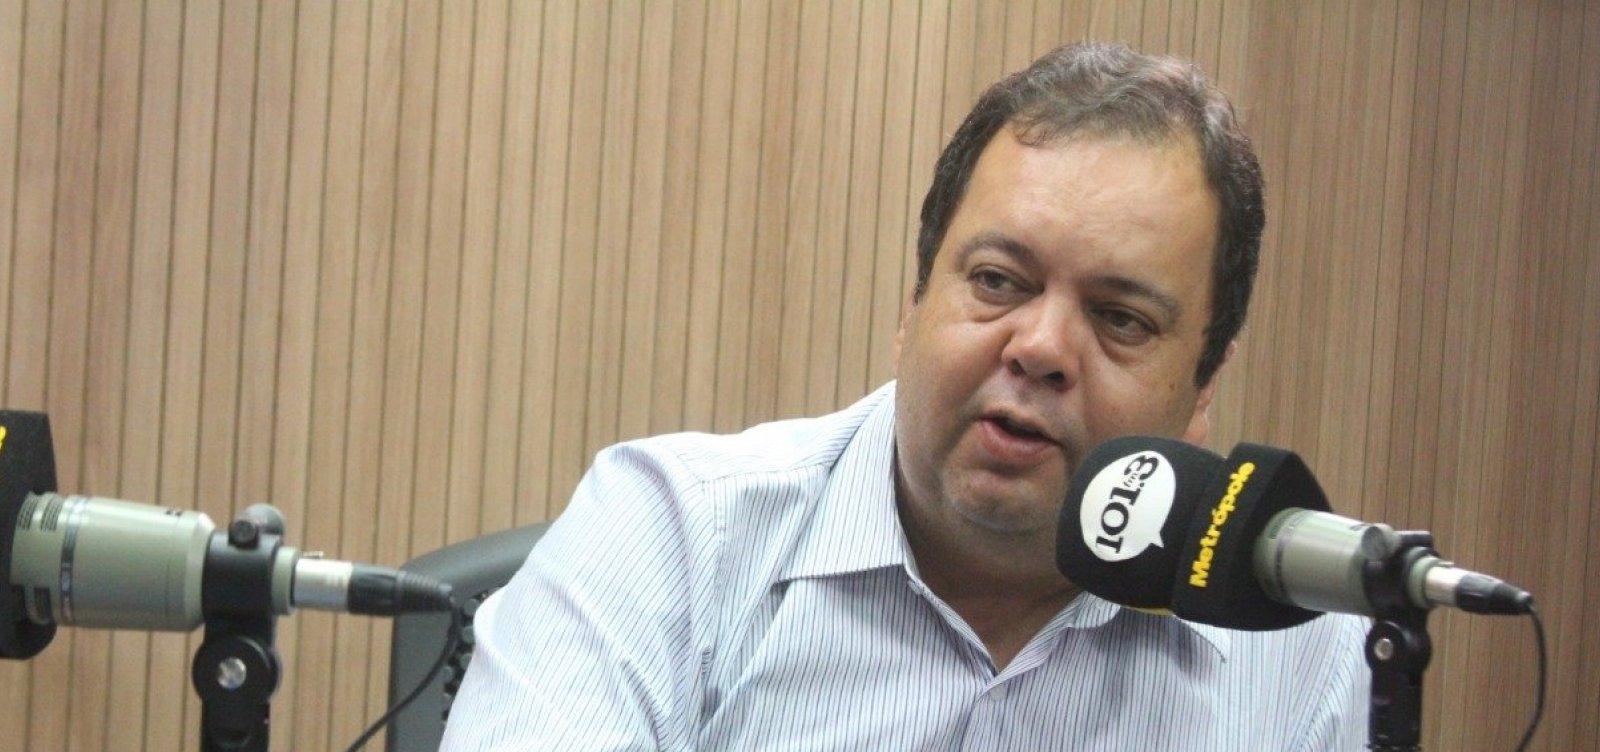 Comentários do filho de Bolsonaro 'não têm importância', diz Elmar Nascimento